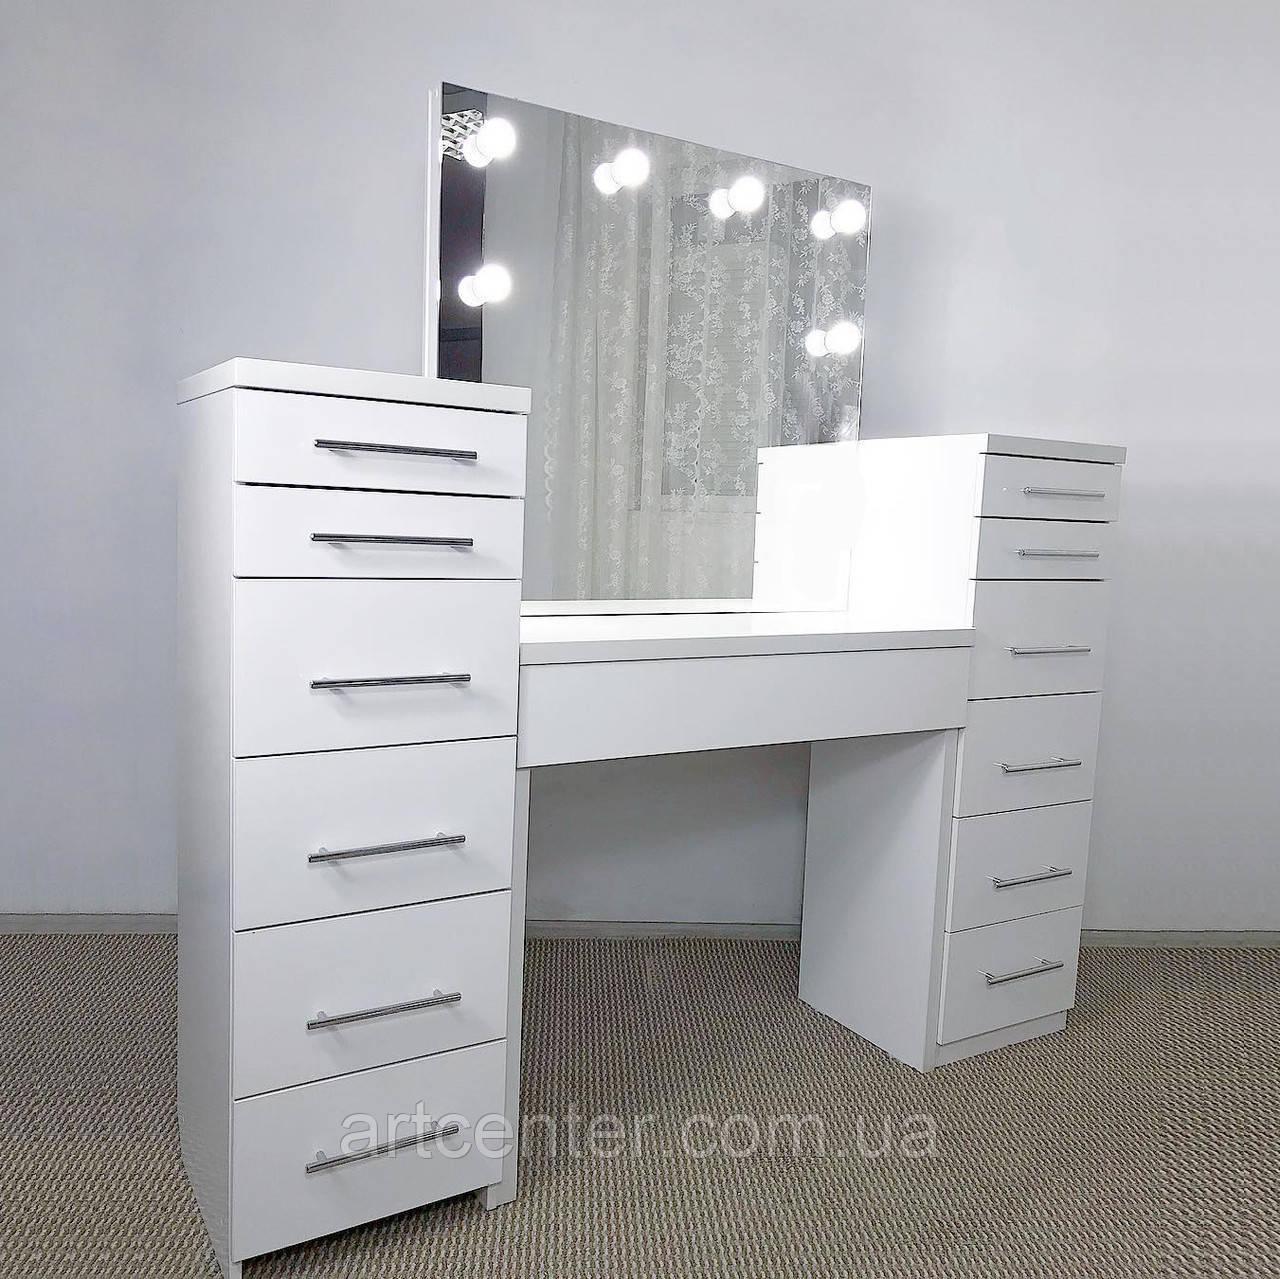 Стол визажиста с 2 тумбами, гримерный стол, туалетный стол с гримерным зеркалом